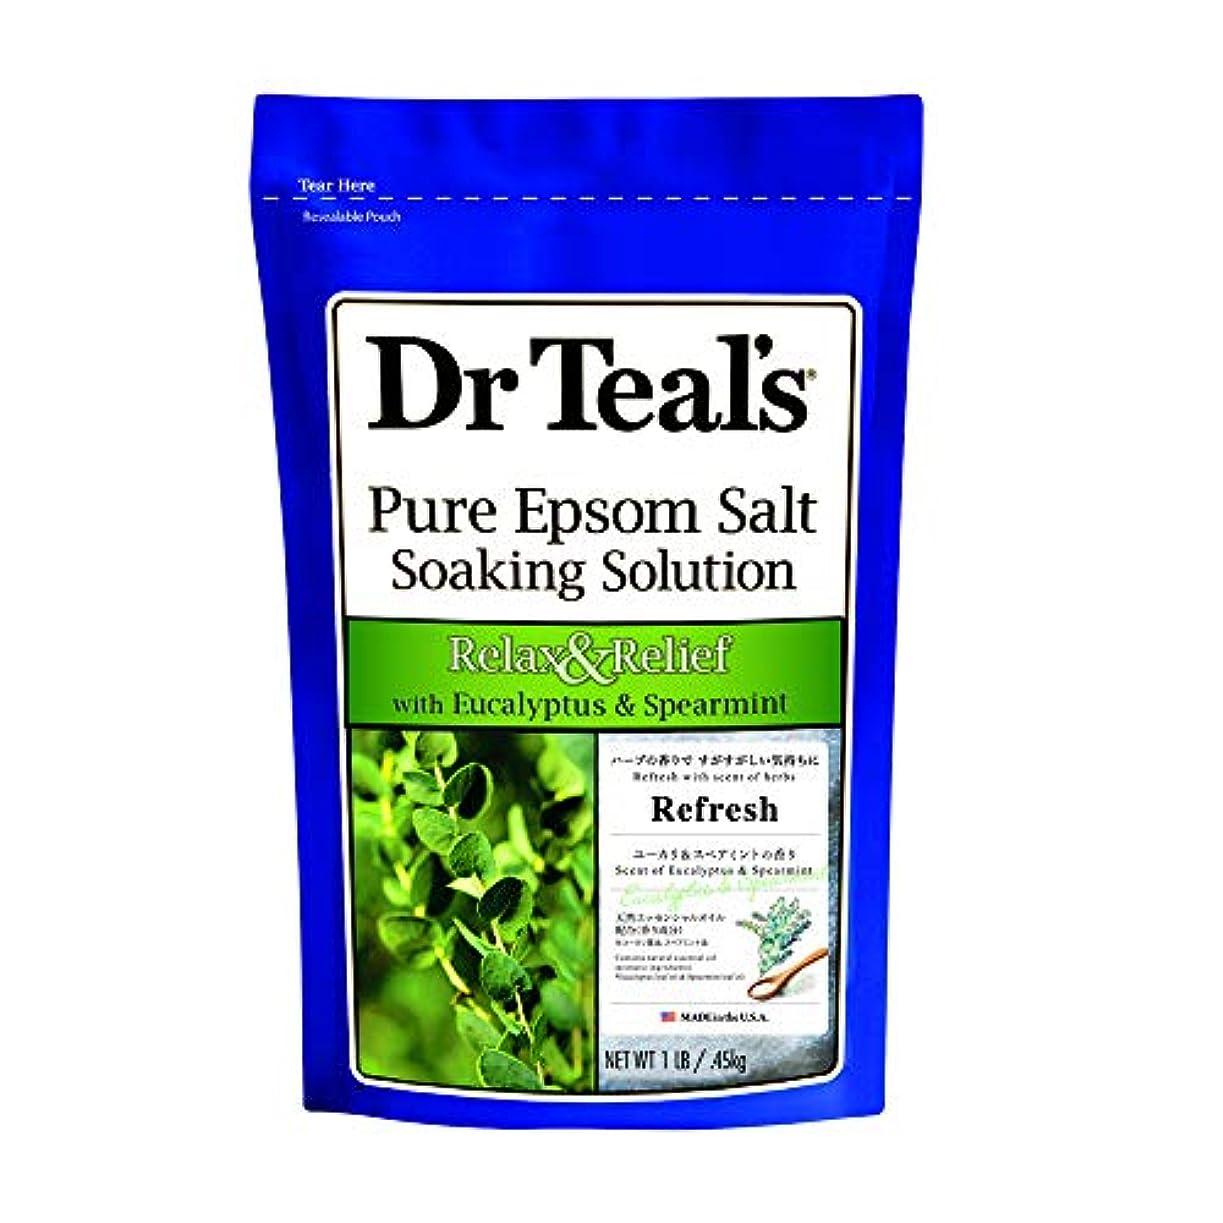 陽気なリビングルーム貸し手Dr Teal's(ティールズ) フレグランスエプソムソルト ユーカリ&スペアミント 入浴剤 453g